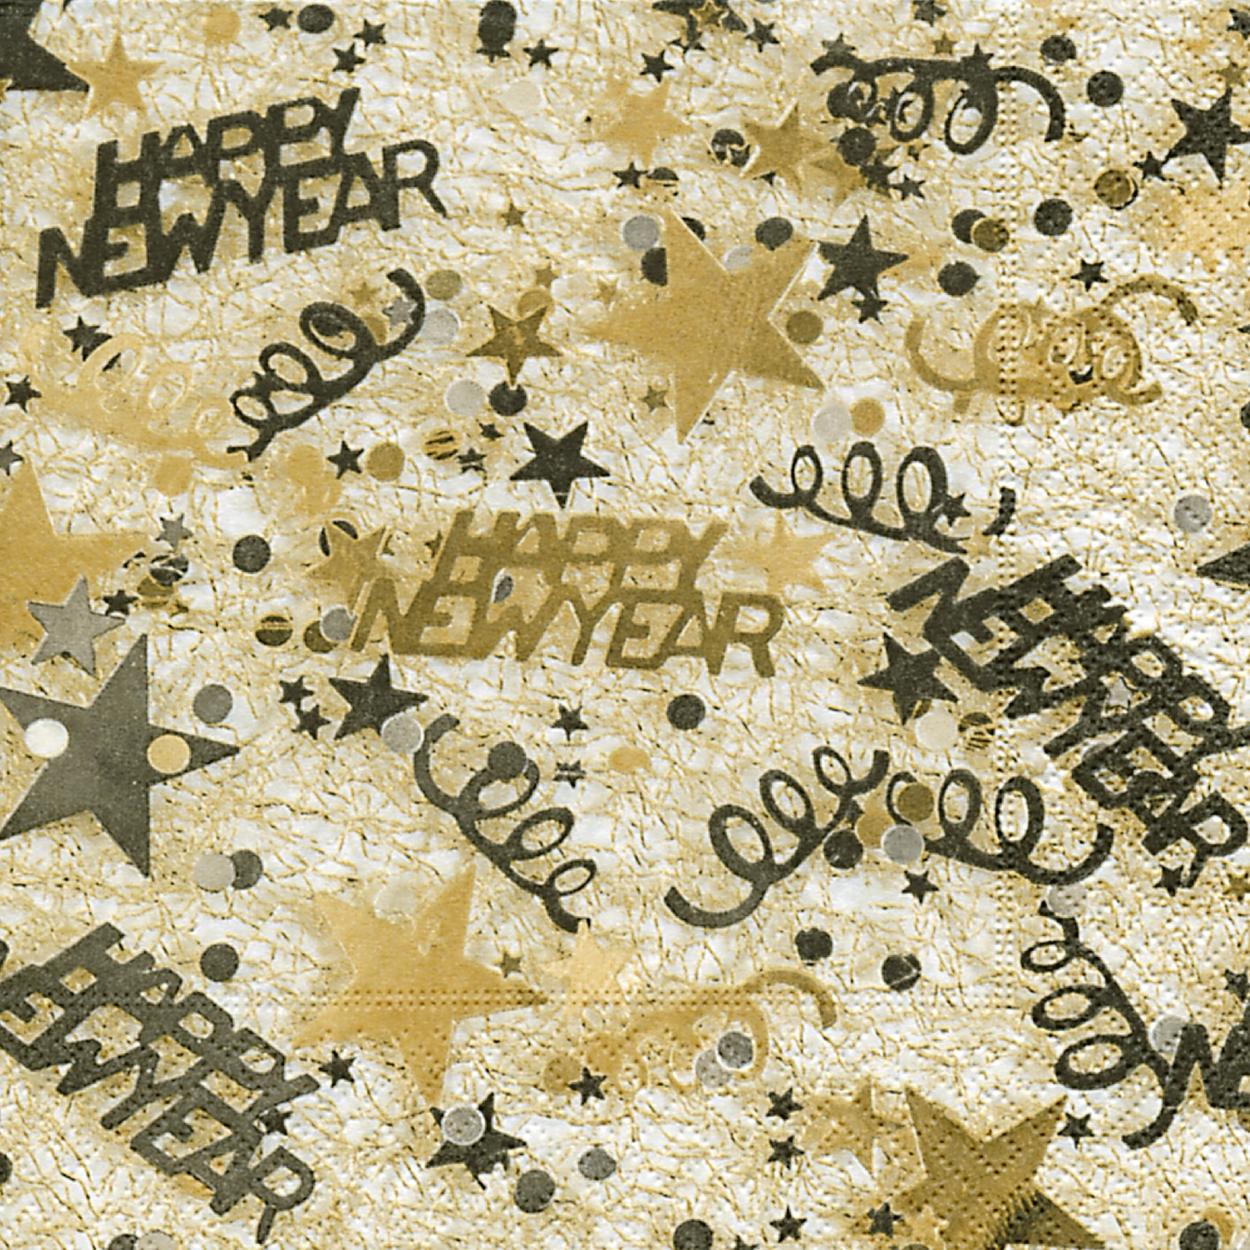 Servietten / Sonstiges,  Sonstiges - Schriften,  Weihnachten - Sterne,  Weihnachten,  lunchservietten,  Sterne,  Schriften